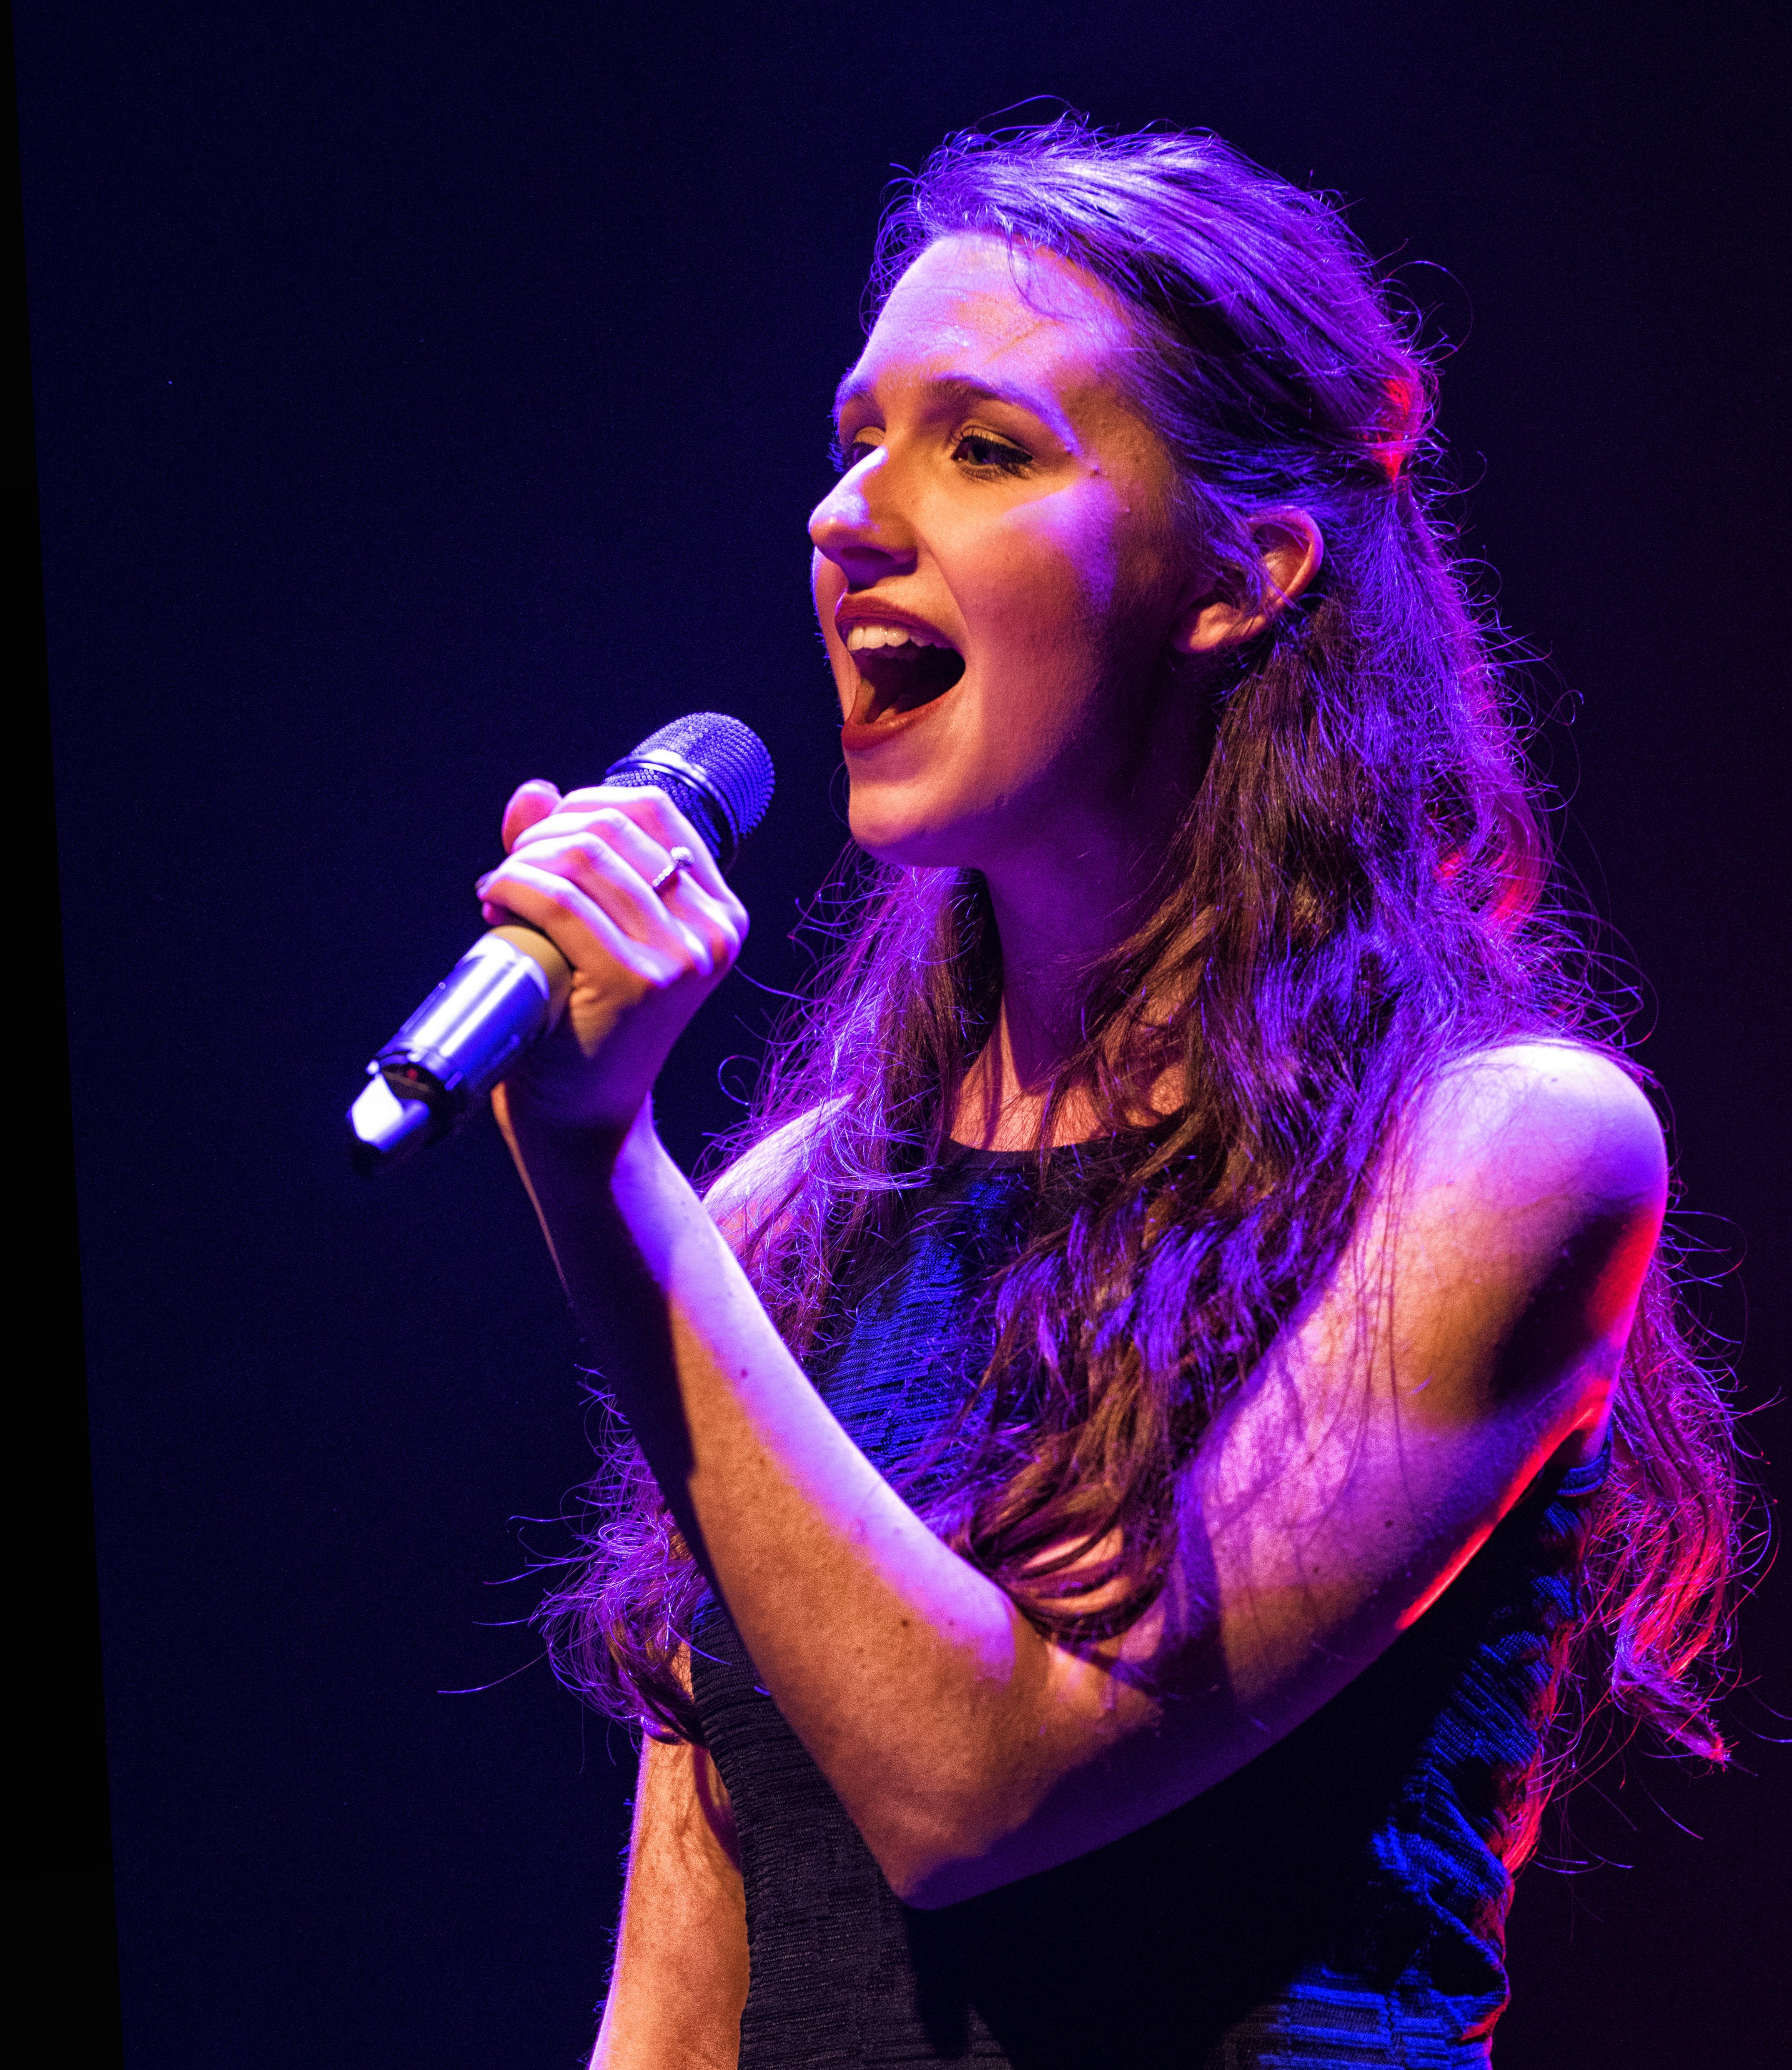 Gwen Lyon